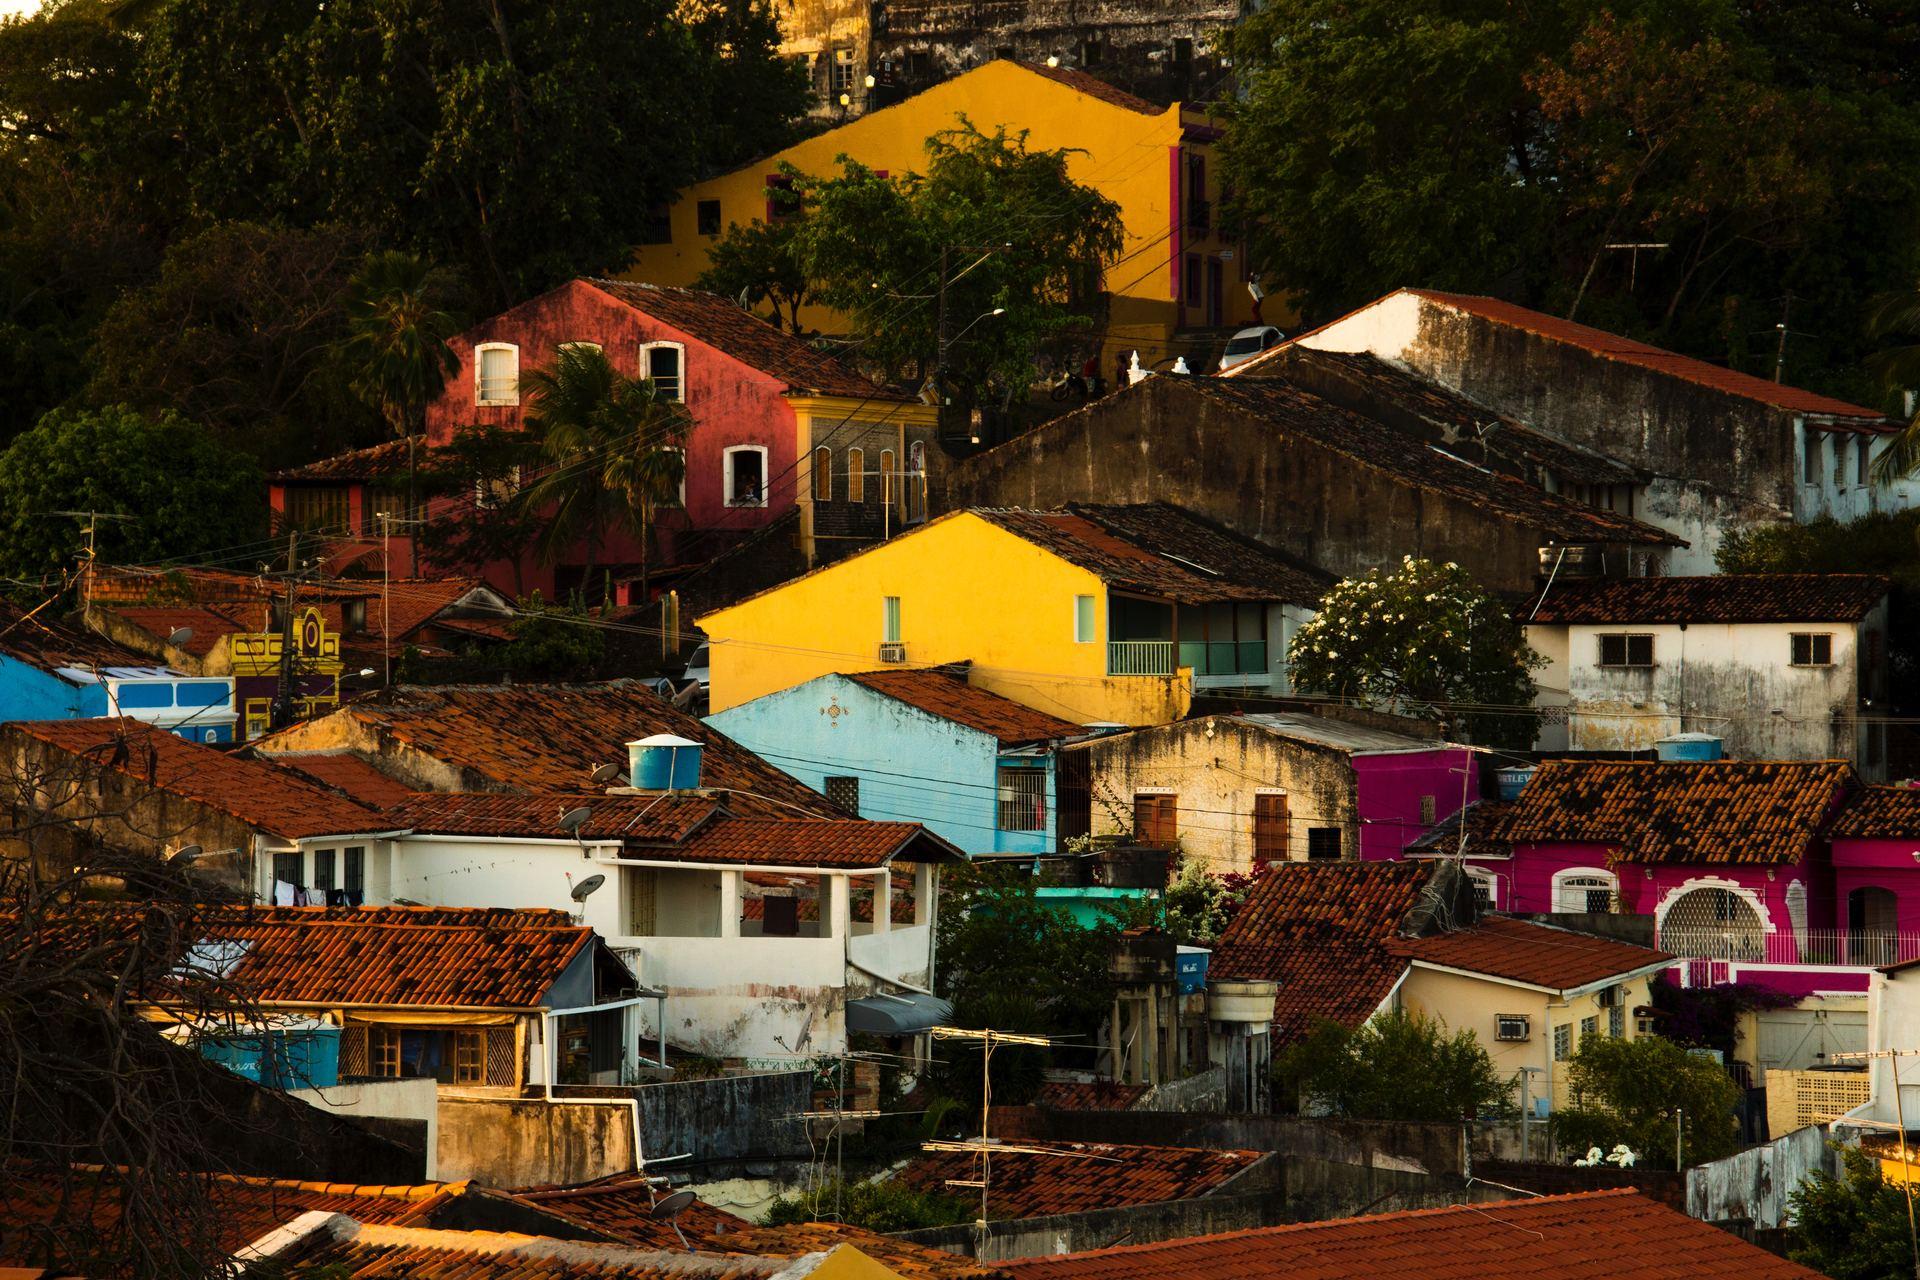 destination Olinda